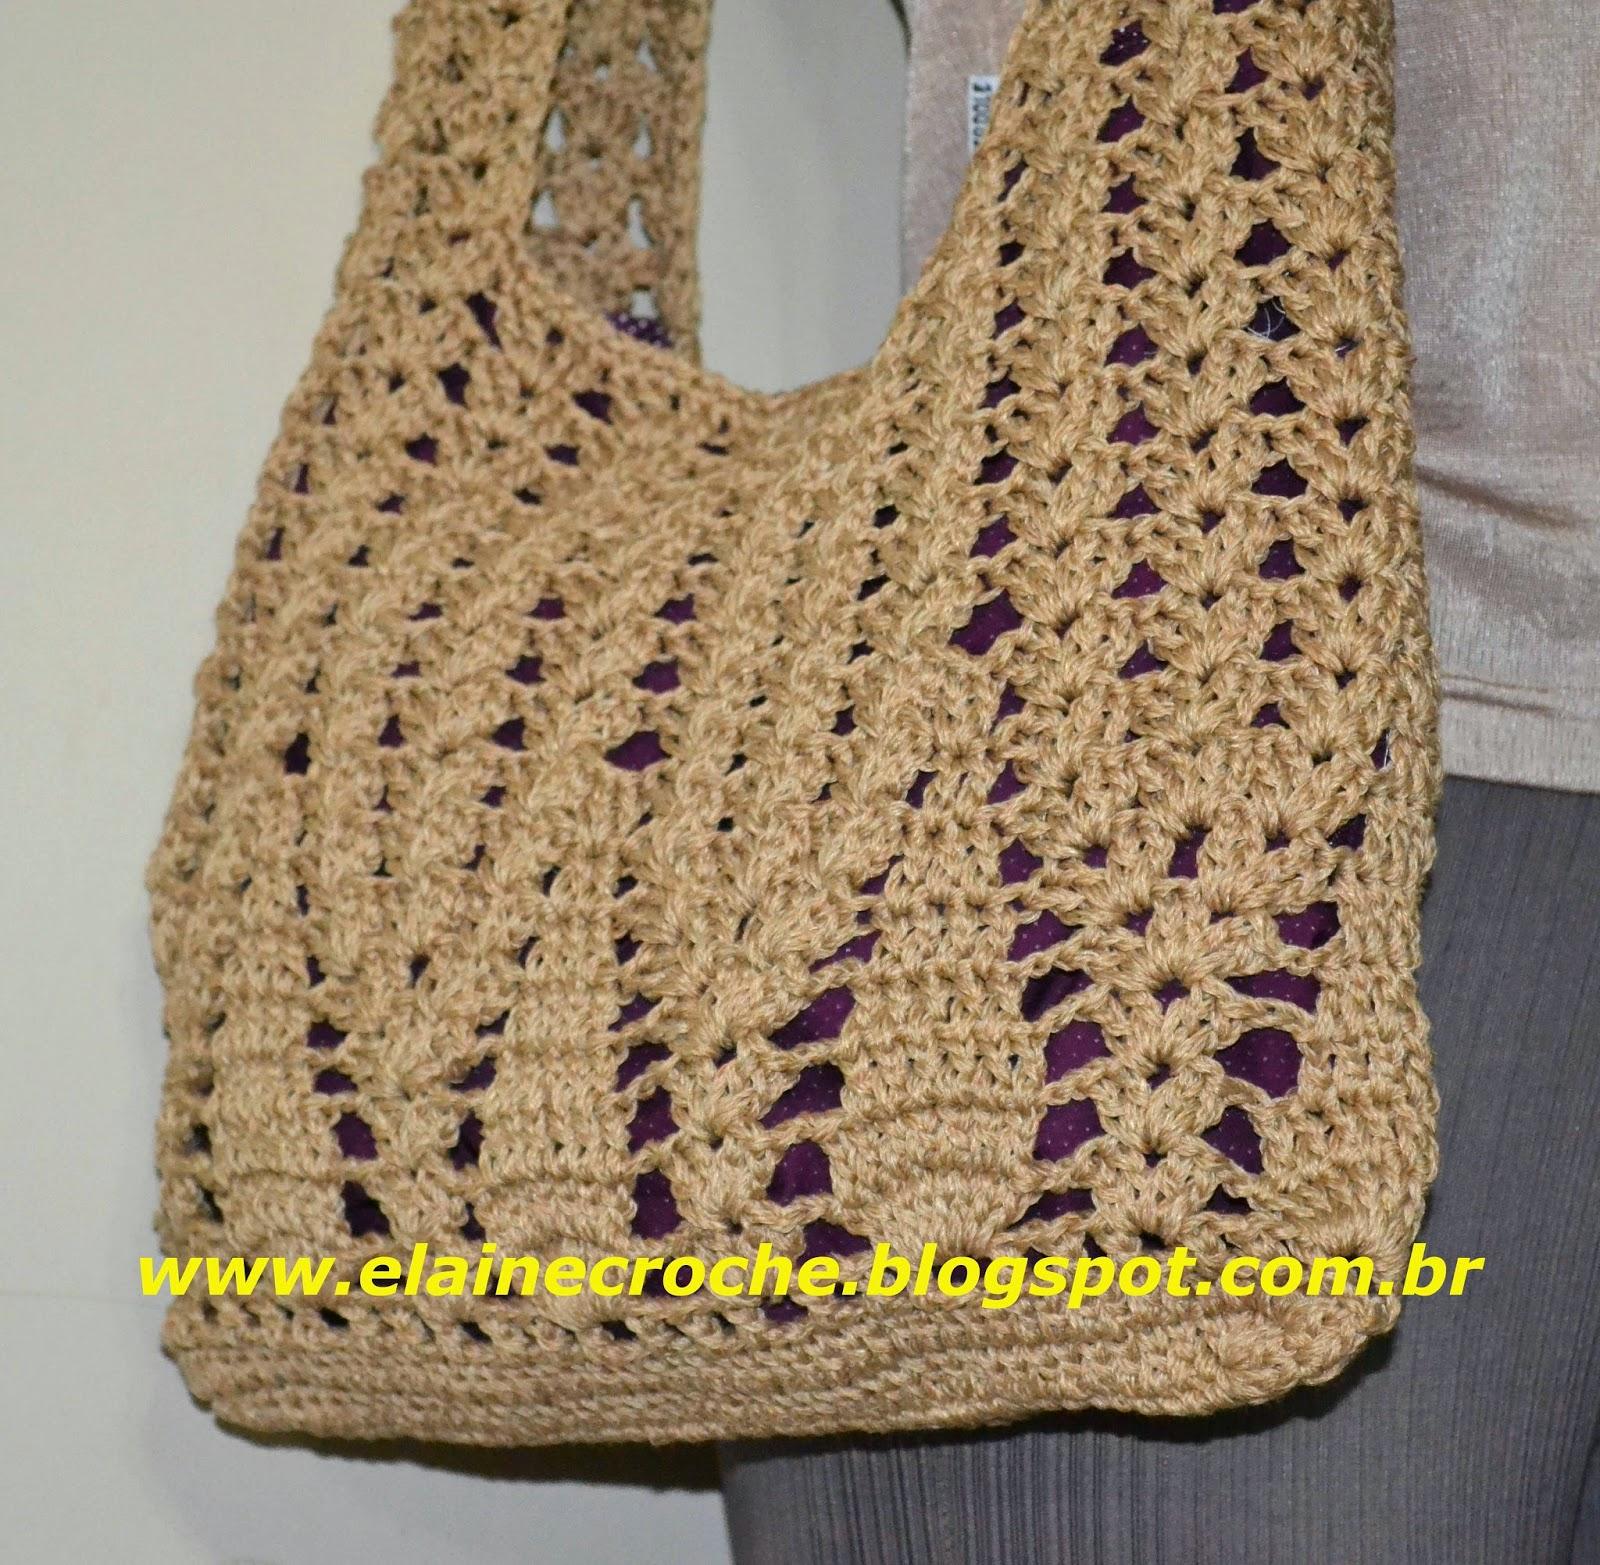 Bolsa De Festa Em Croche Passo A Passo : Elaine croche bolsa susi em croch?